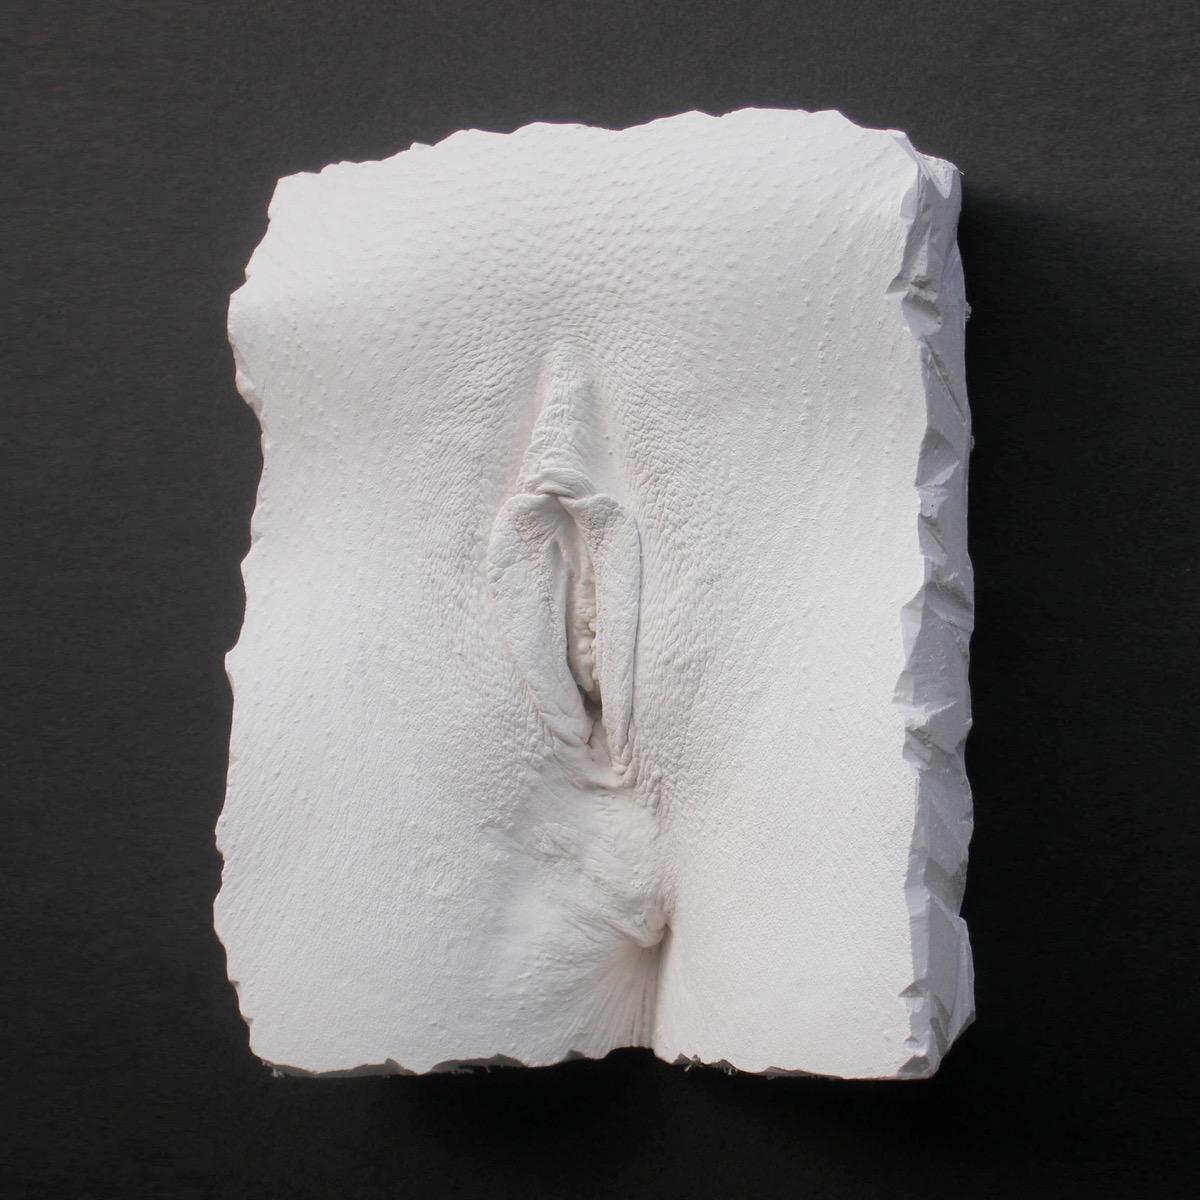 Vagina cast sculpture